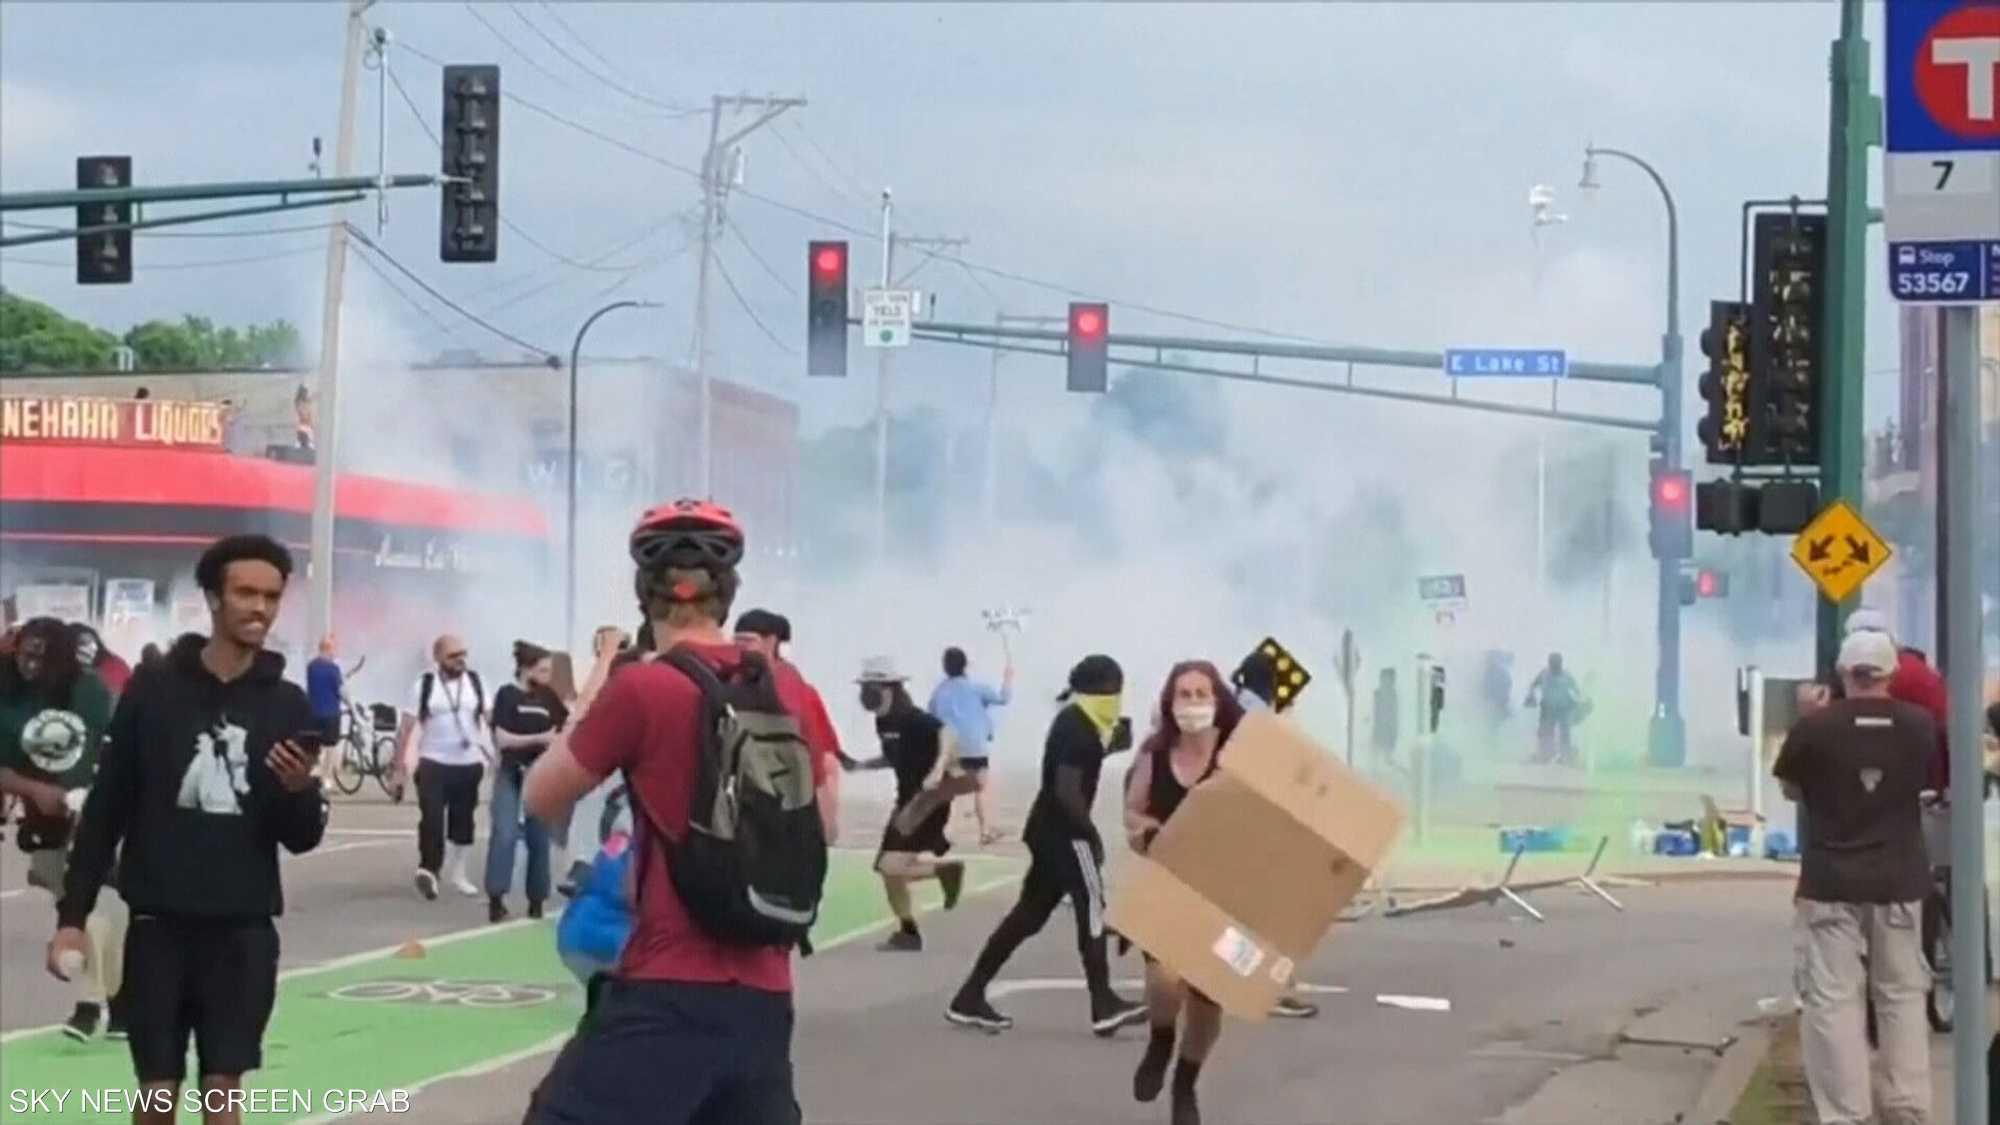 احتجاجات بولاية مينيسوتا بعد مقتل رجل من أصول إفريقية